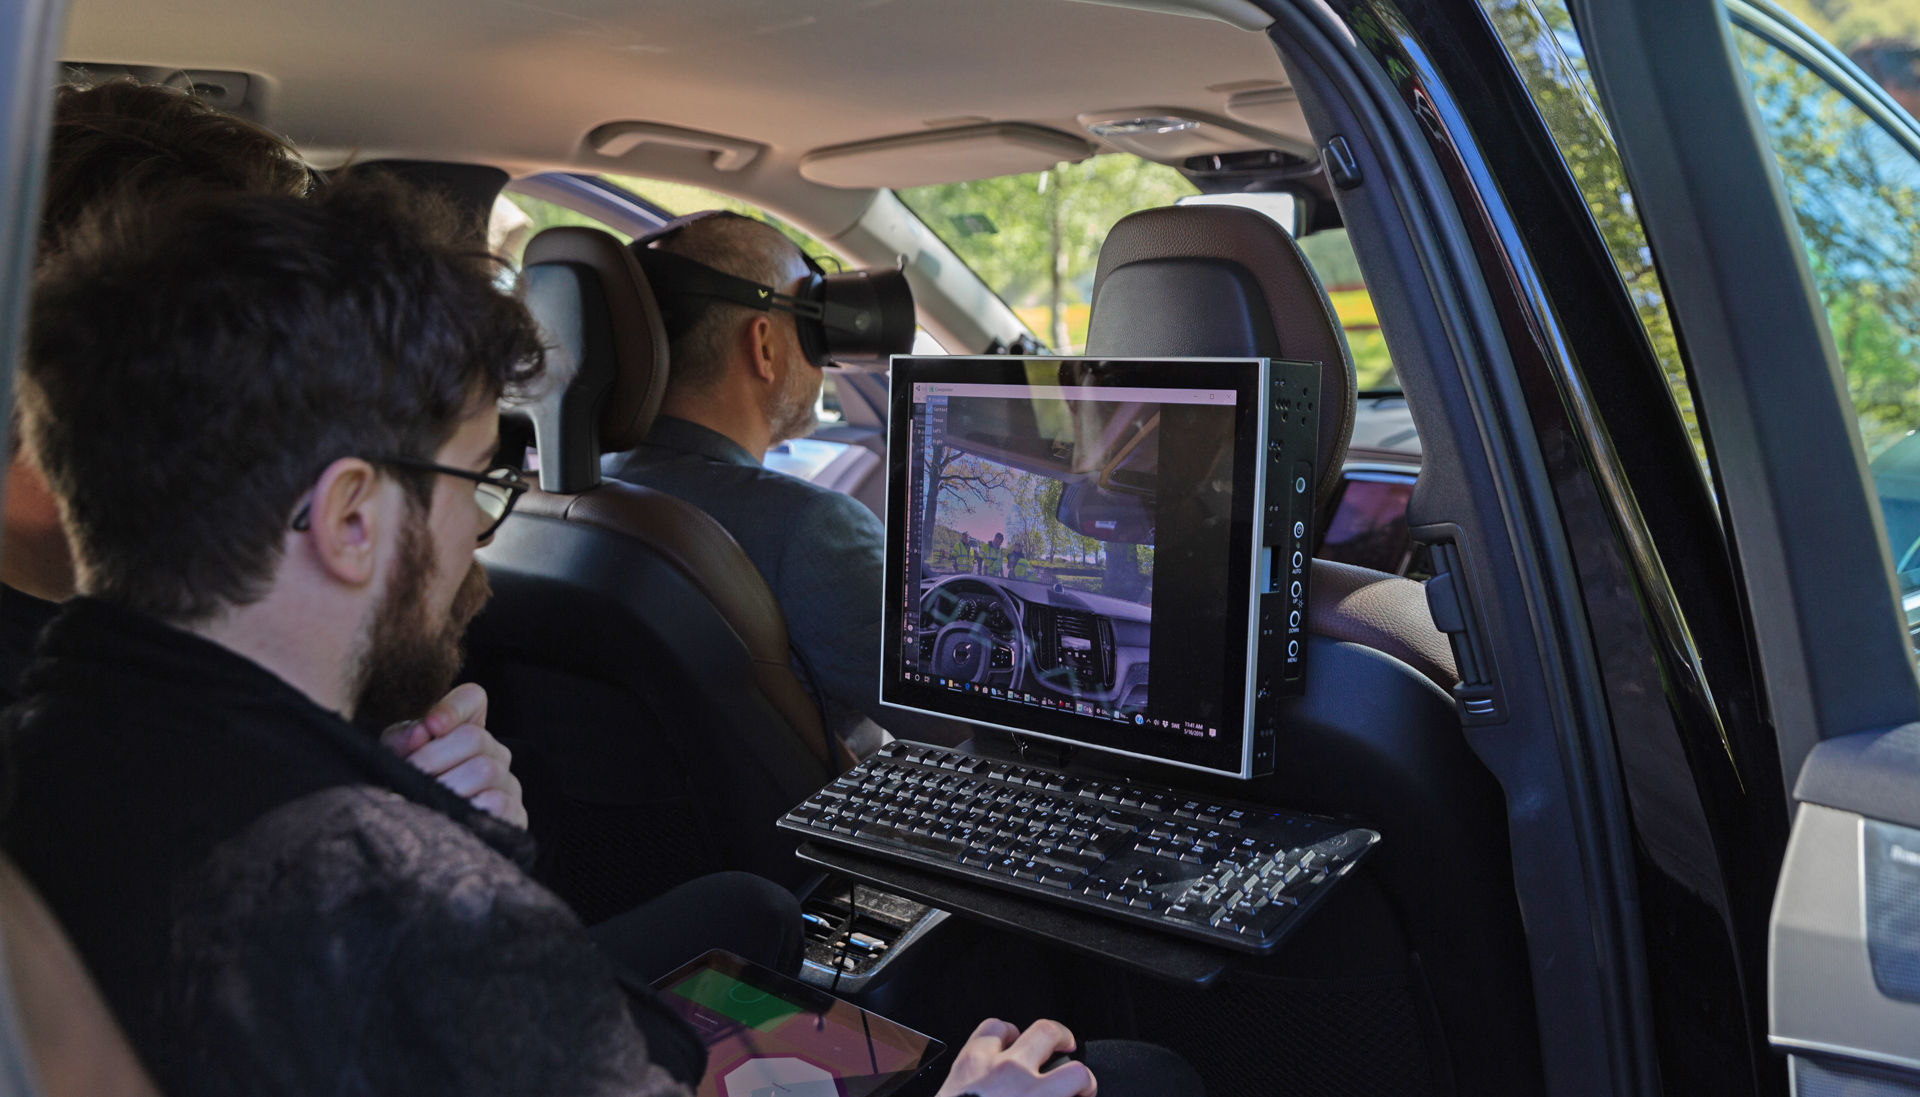 Volvo начала использовать очки виртуальной реальности для тестирования автомобилей на дорогах - 1